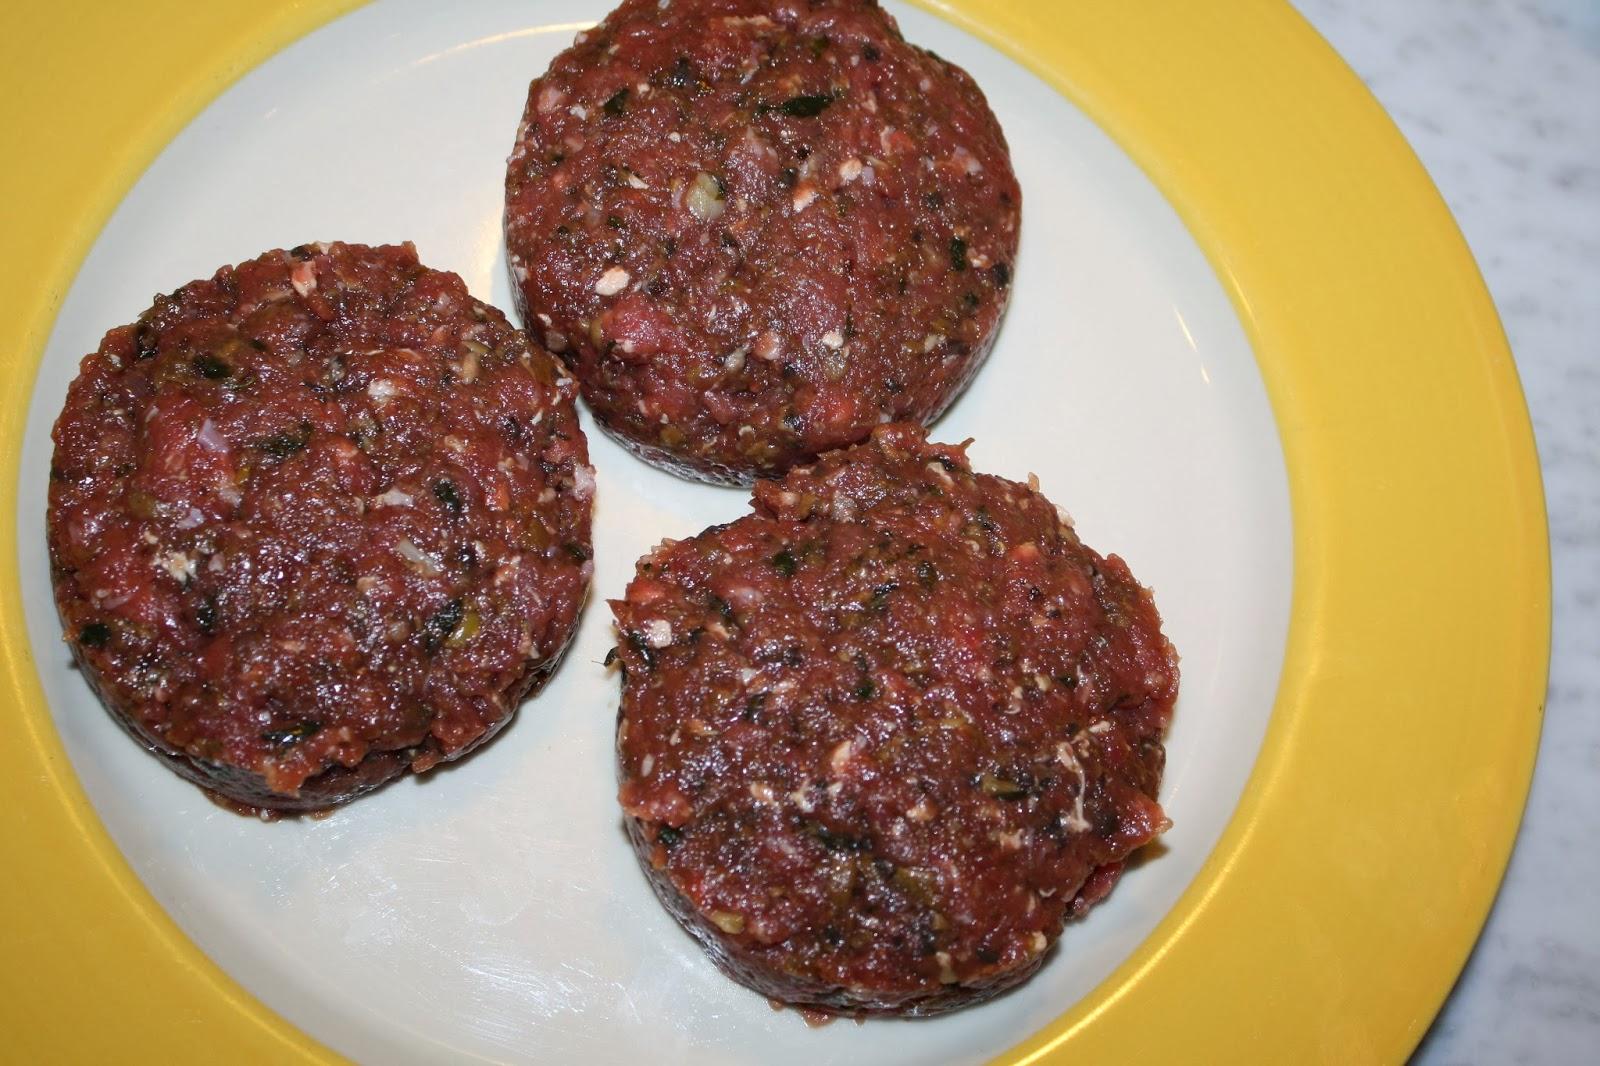 Come riciclo gli avanzi? - Pagina 2 Ricetta-hamburger-funghi-07